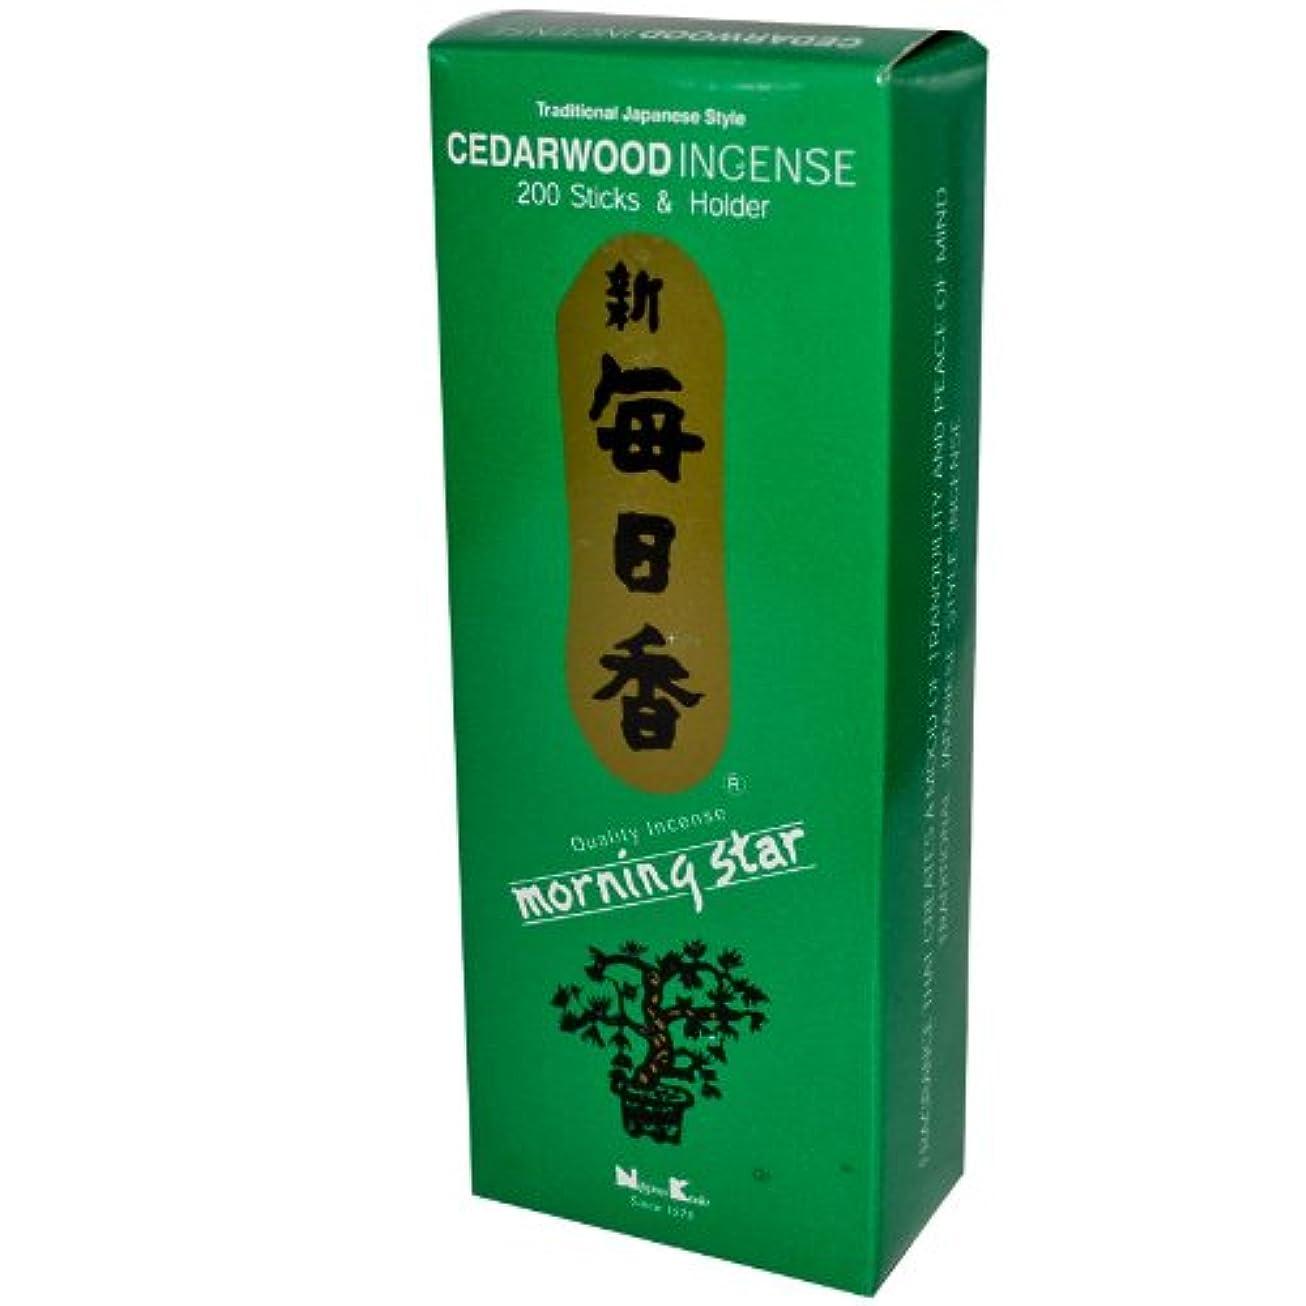 指紋ヘクタール気がついて(1, Green) - Morning Star, Cedarwood Incense, 200 Sticks & Holder